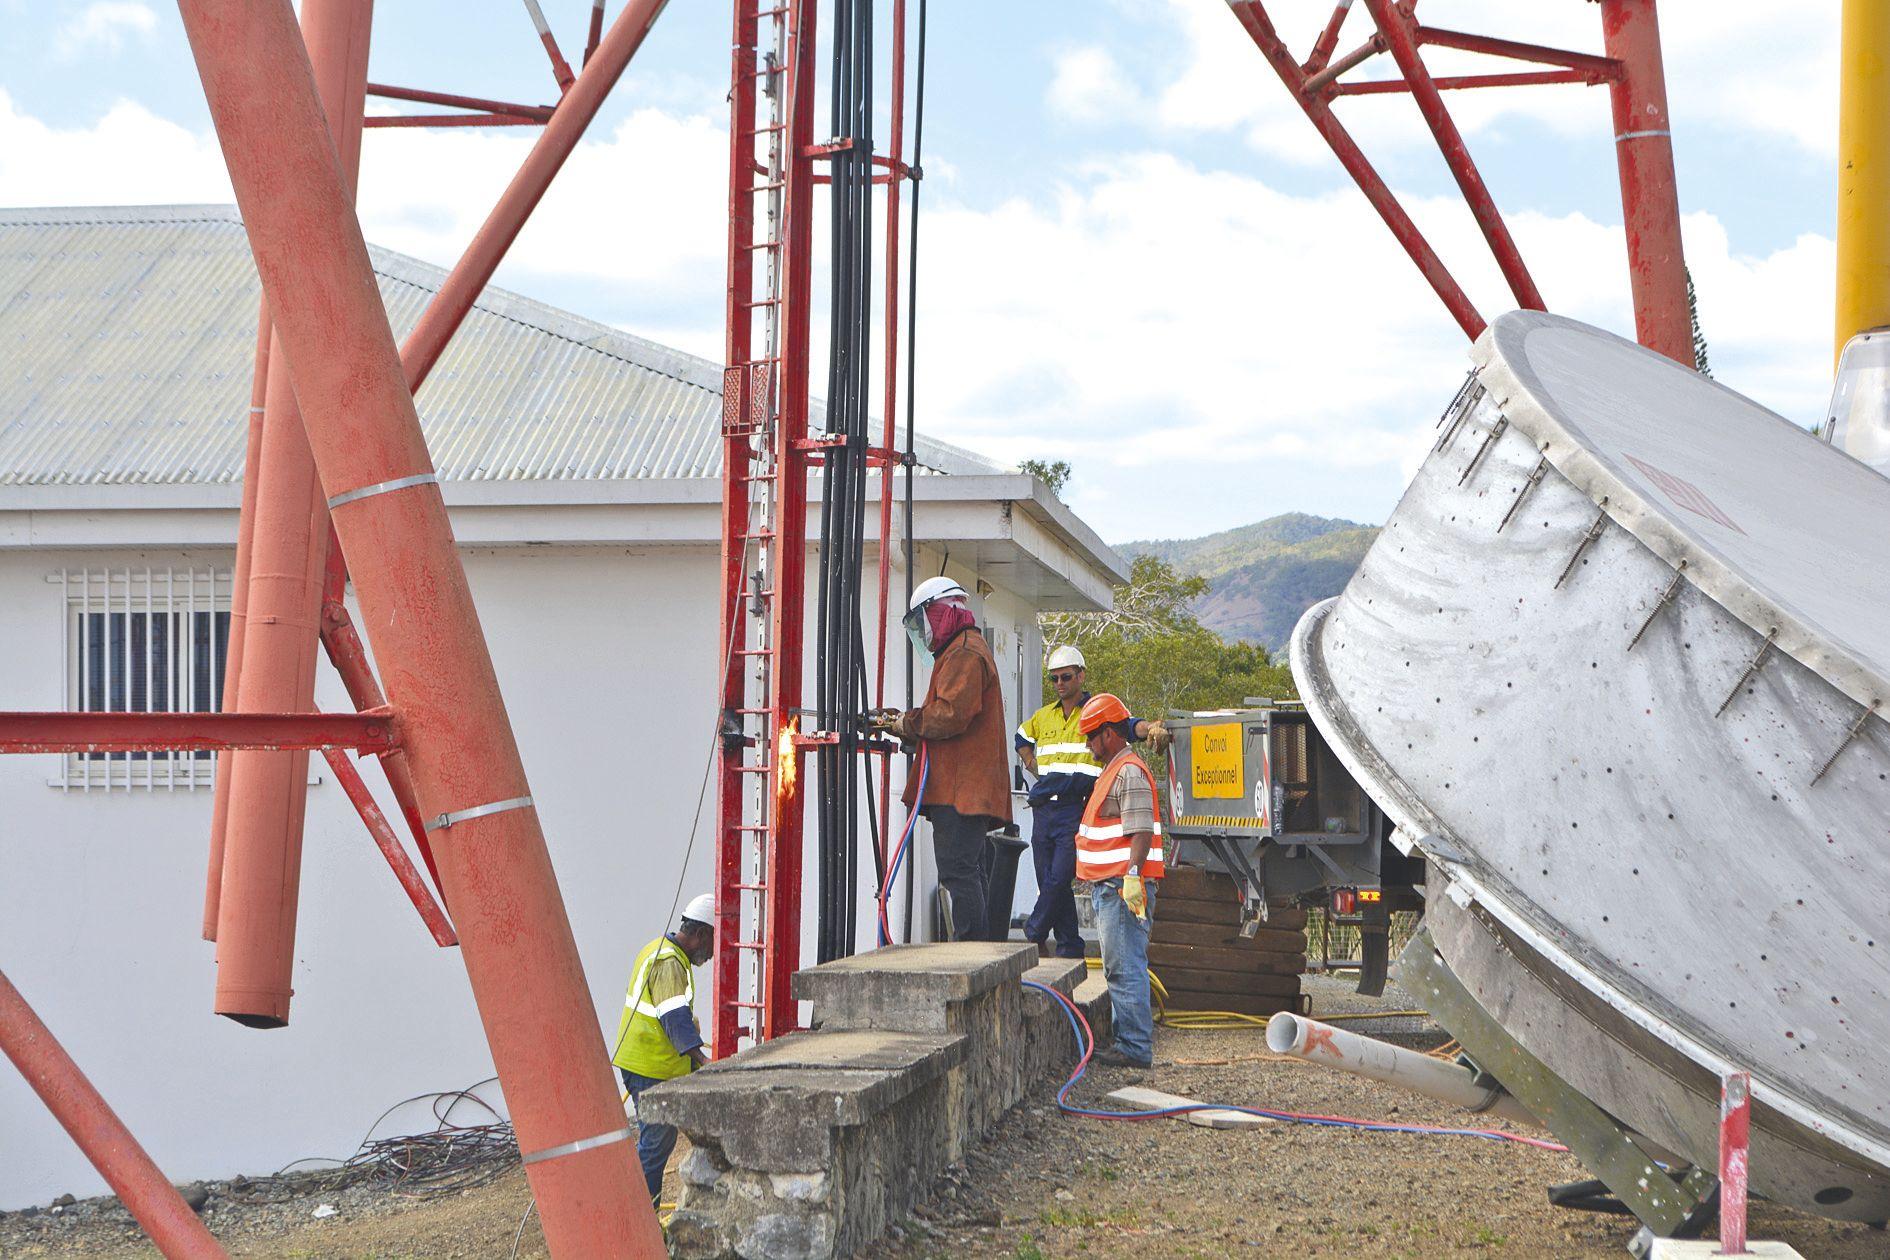 Ce chantier spectaculaire a fait appel à des moyens matériels, humains et financiers  importants. Pour démonter la partie centrale, la plus imposante de l'antenne, les agents ont dû utiliser la grue pour la descendre au sol et procéder au découpage.